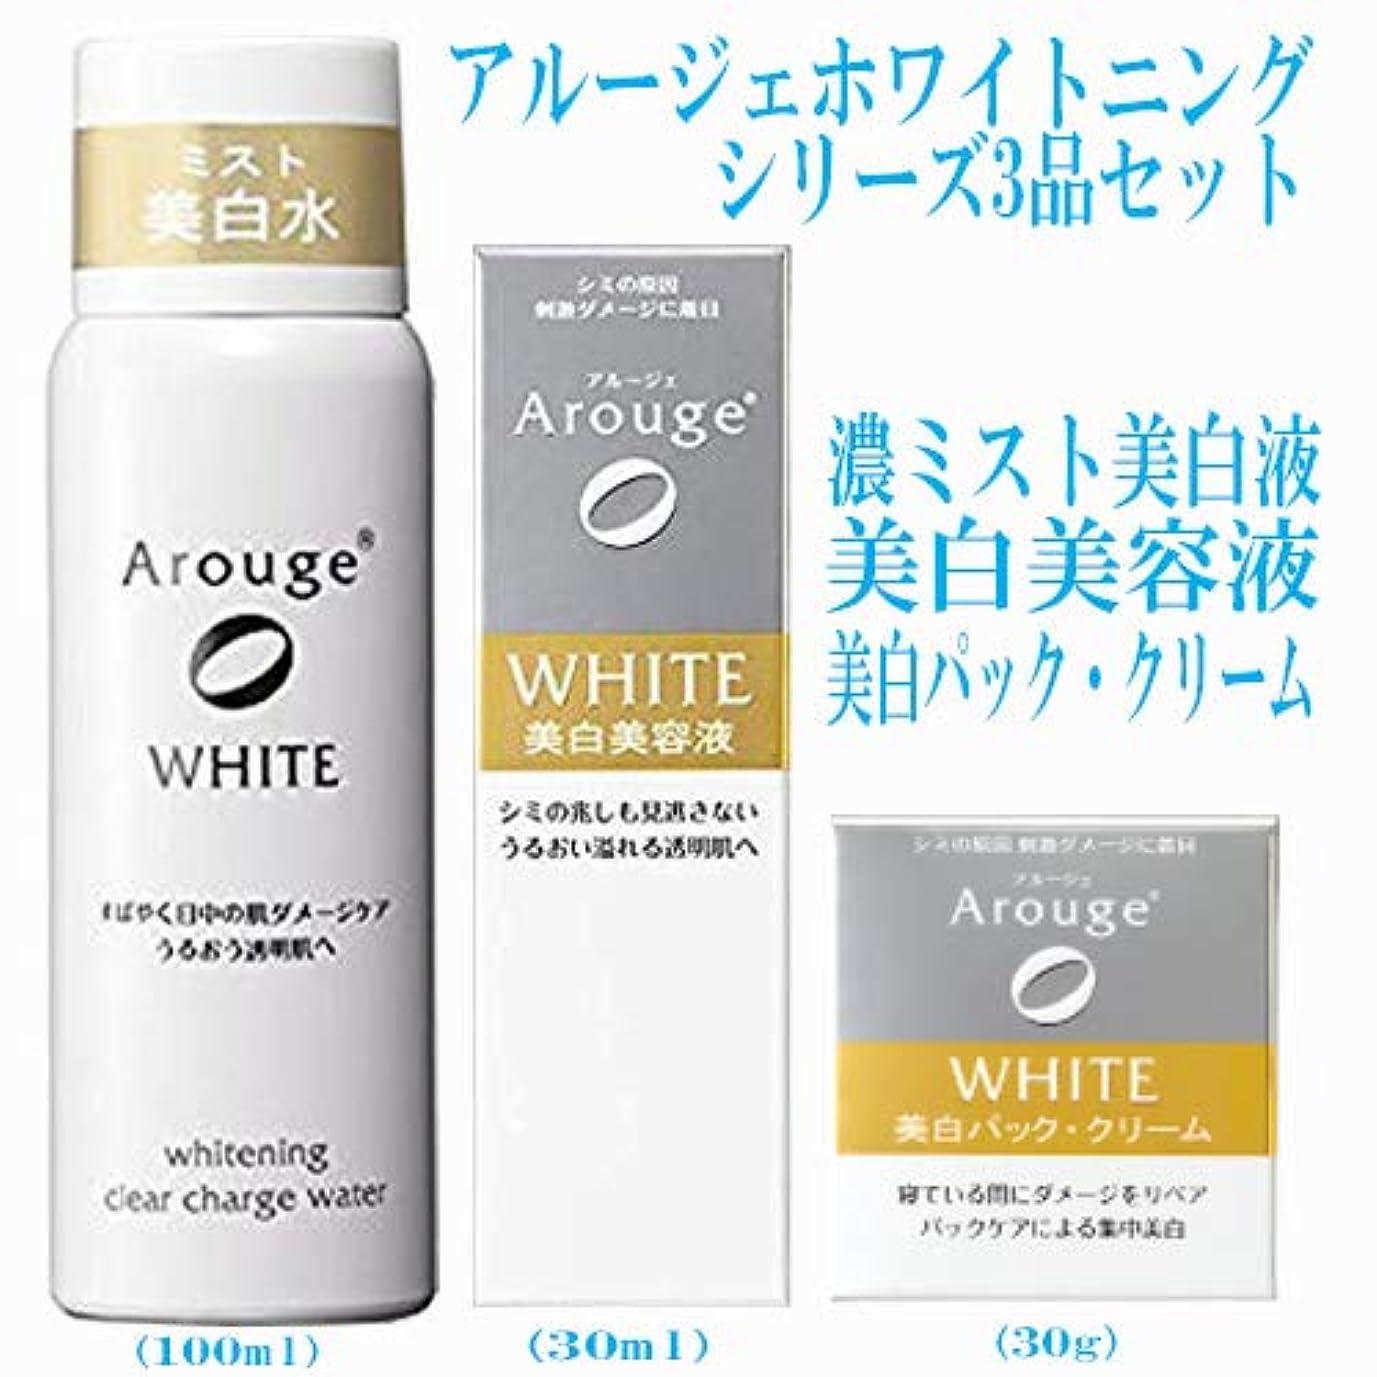 ミルク観察する帽子【3品セット】アルージェ ホワイトニングエッセンス 30mL+リペアクリーム 30g+ミストセラム 100ml